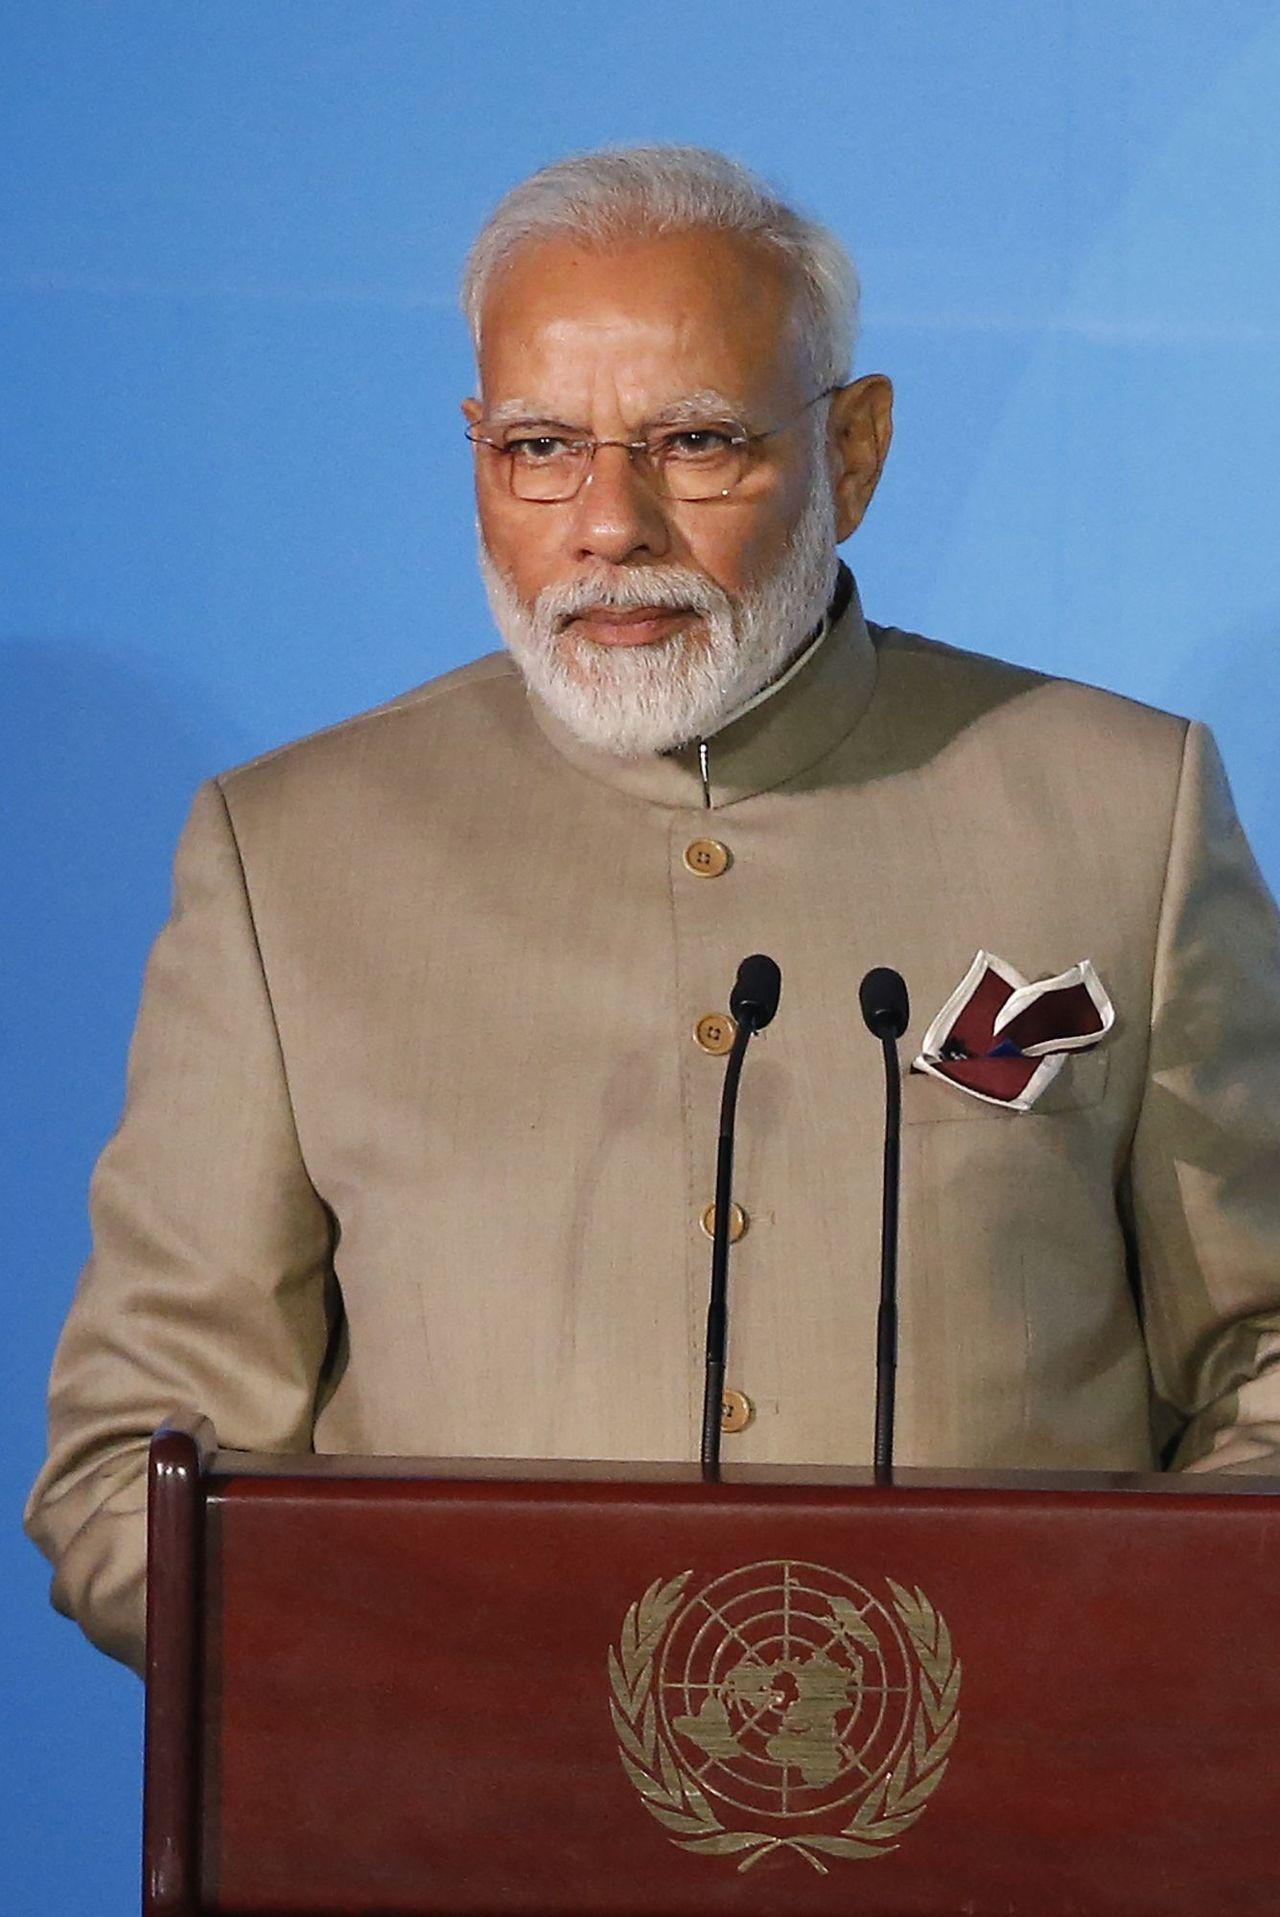 莫迪前往紐約參加聯合國會議行前,為印度股市送上減稅大禮。美聯社